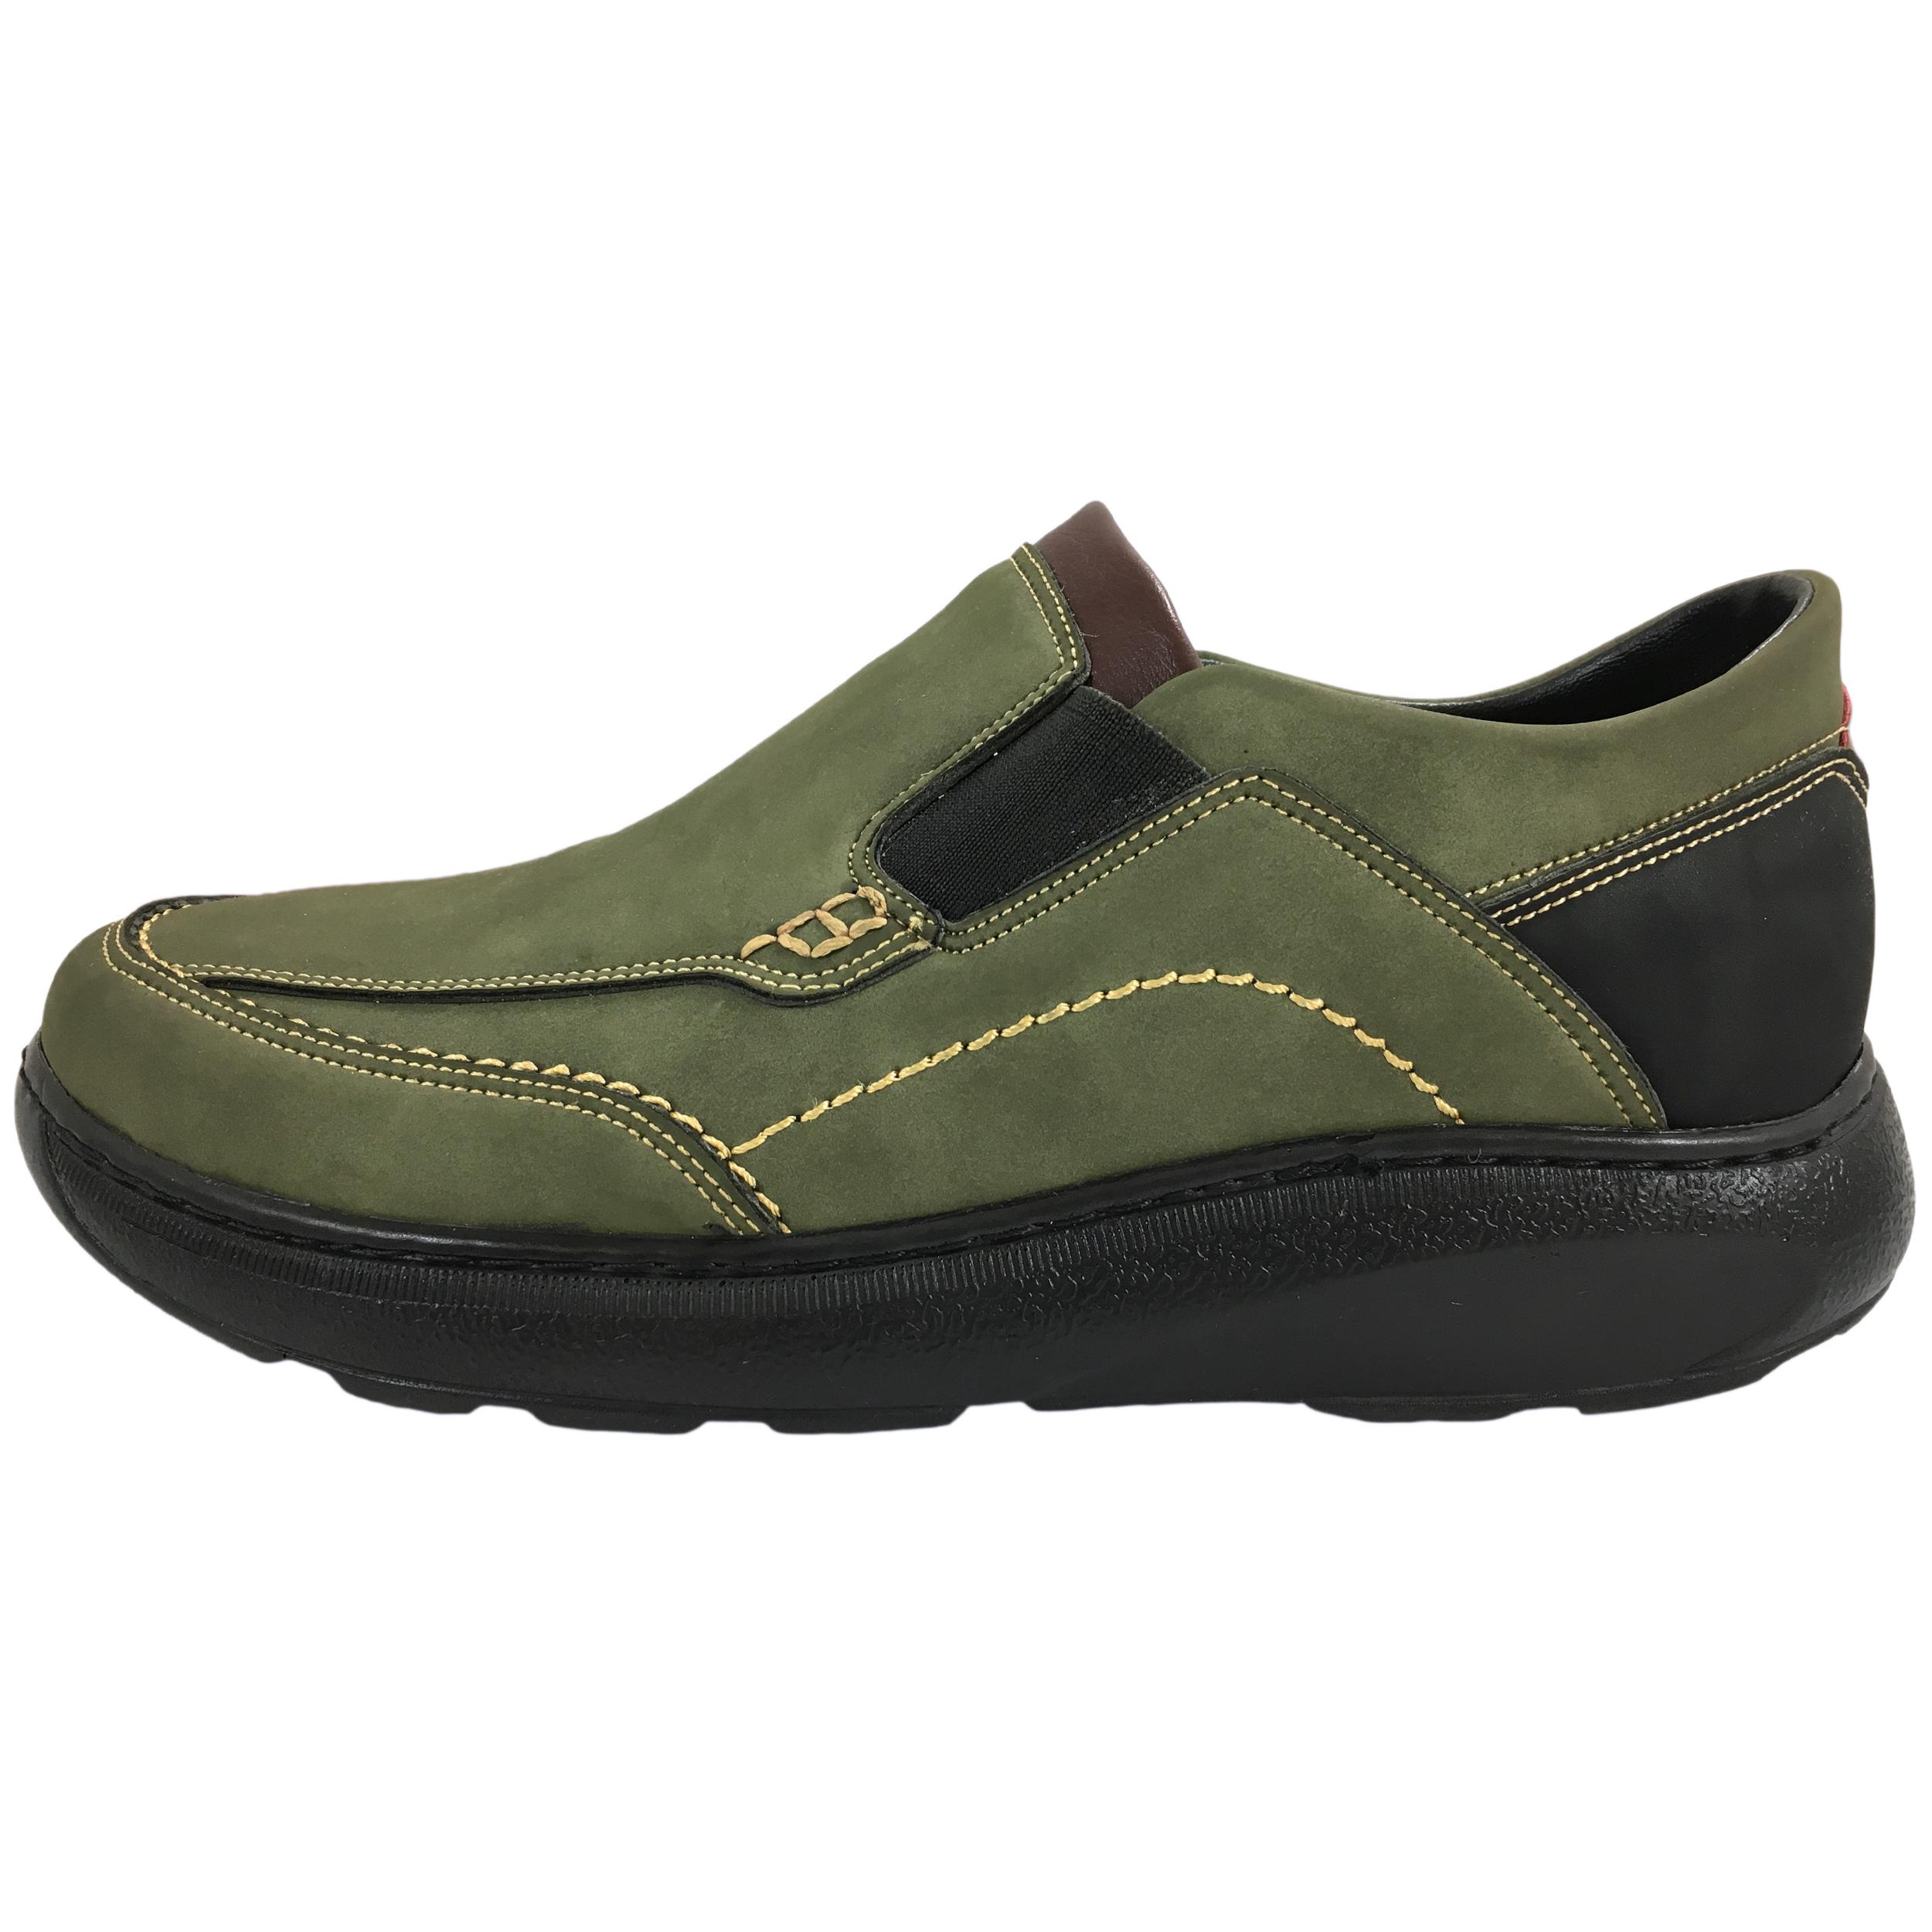 قیمت کفش مردانه مدل سیلور کد A181